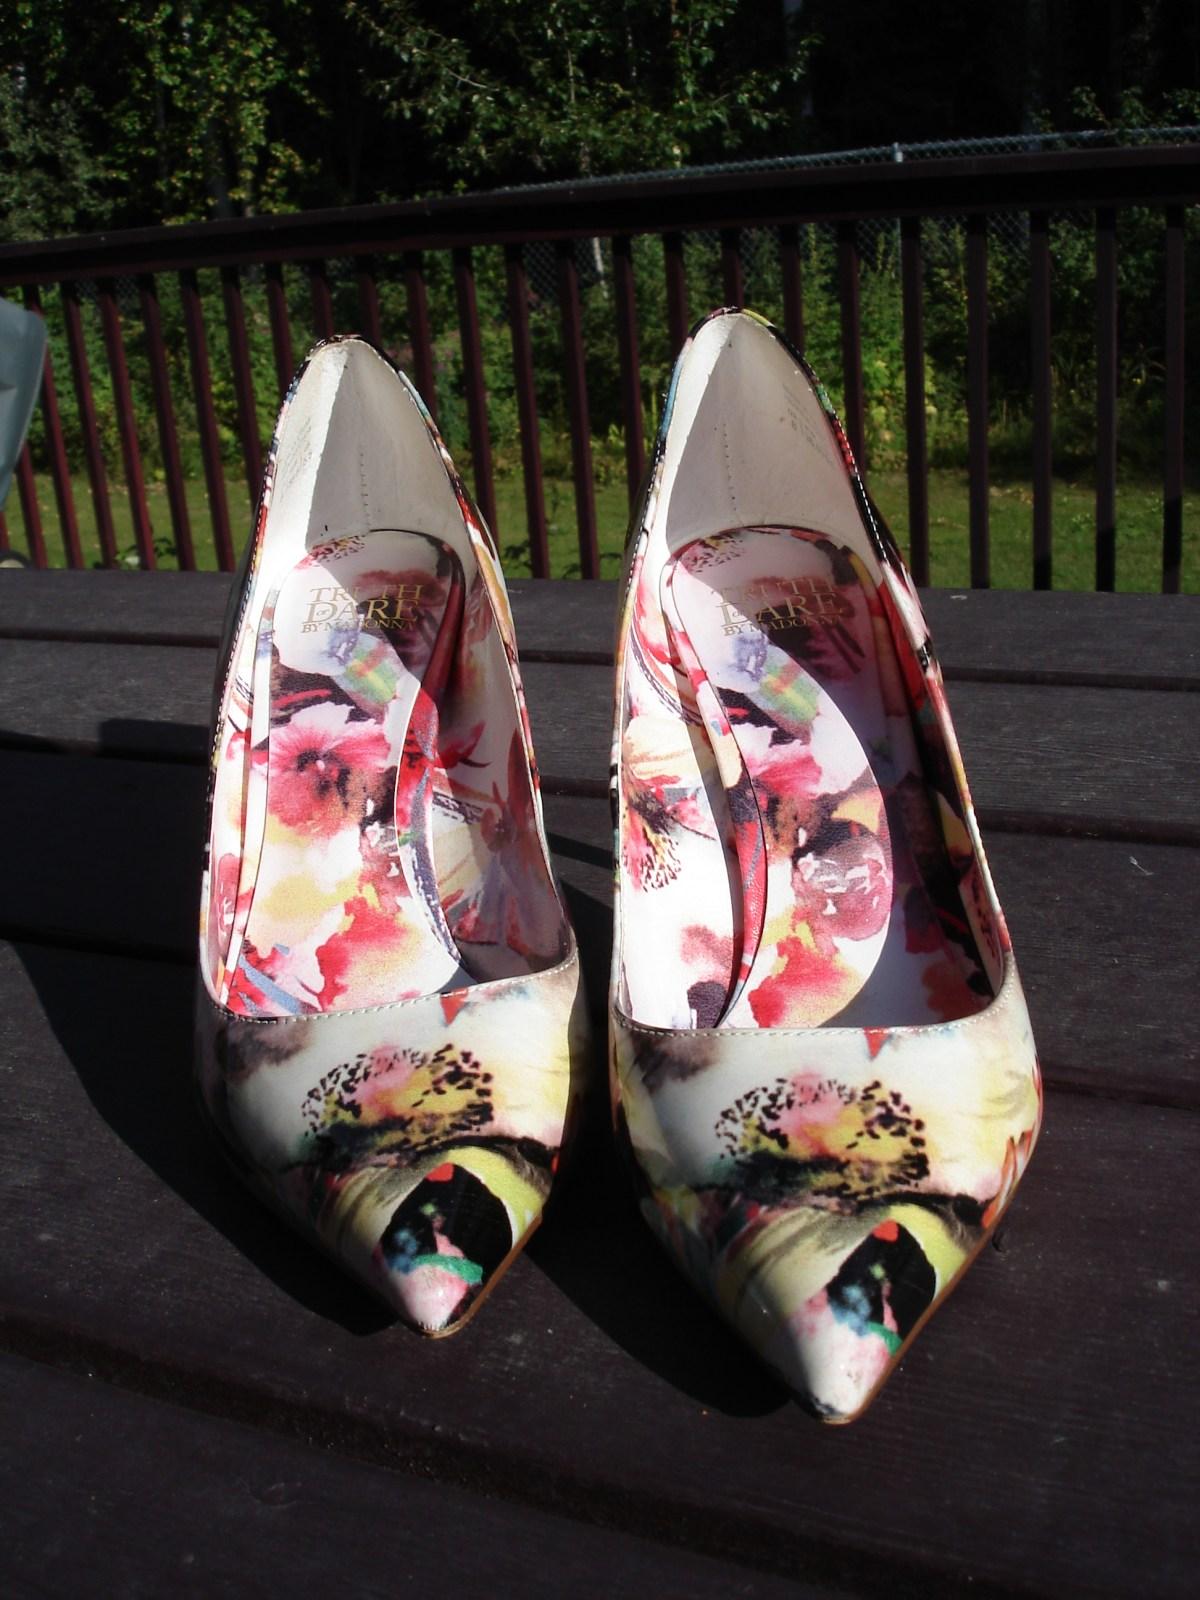 #maturestyle Floral pumps